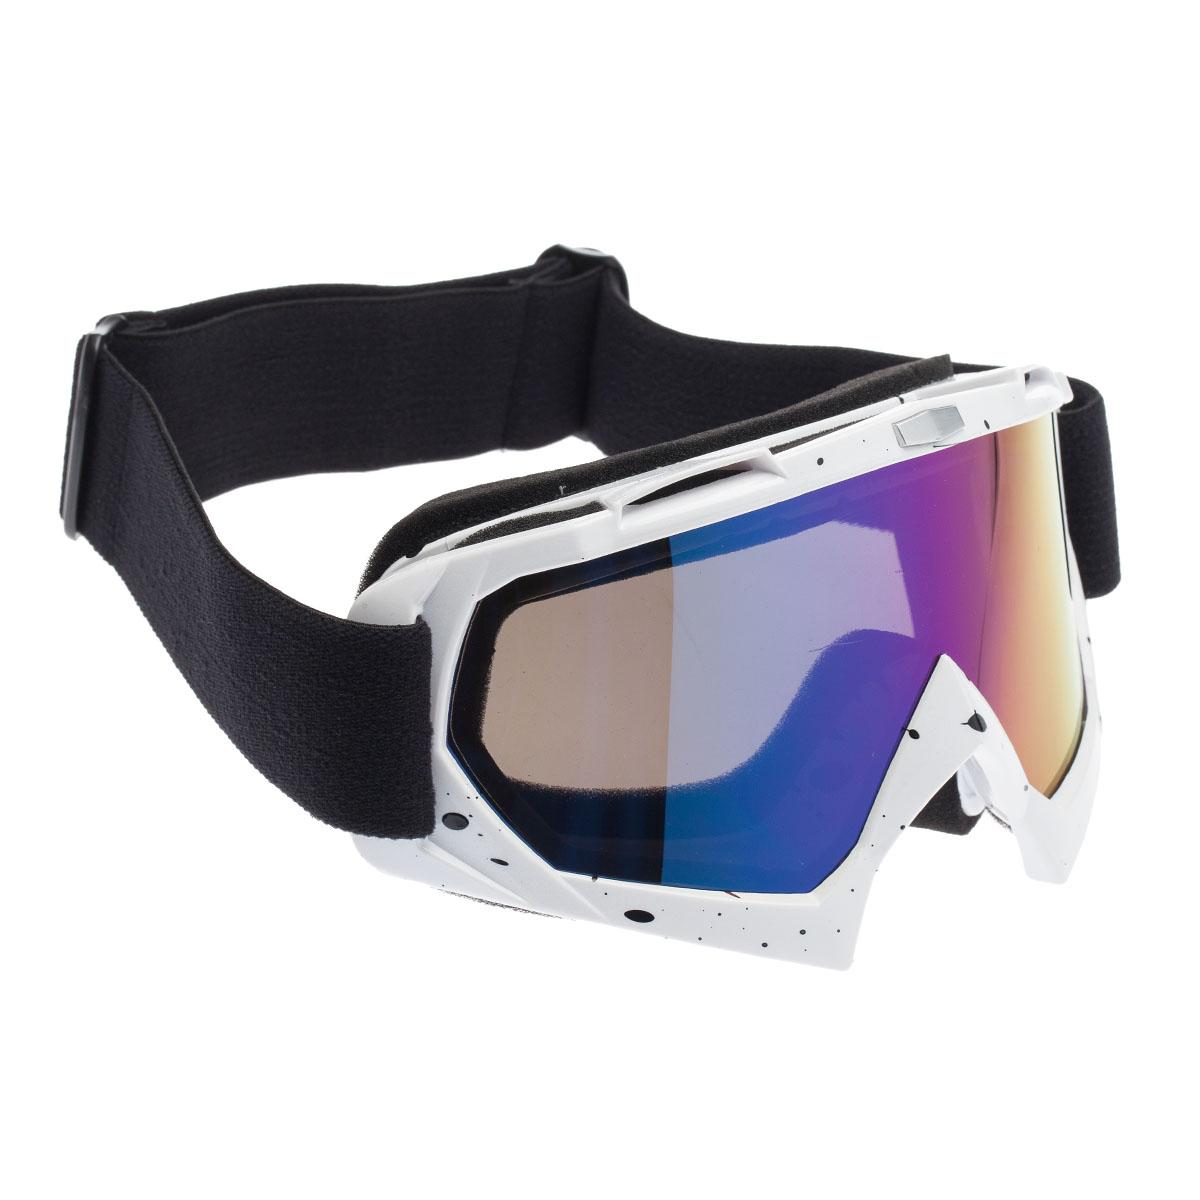 Горнолыжные очки Exparc, 15653-5 цены онлайн